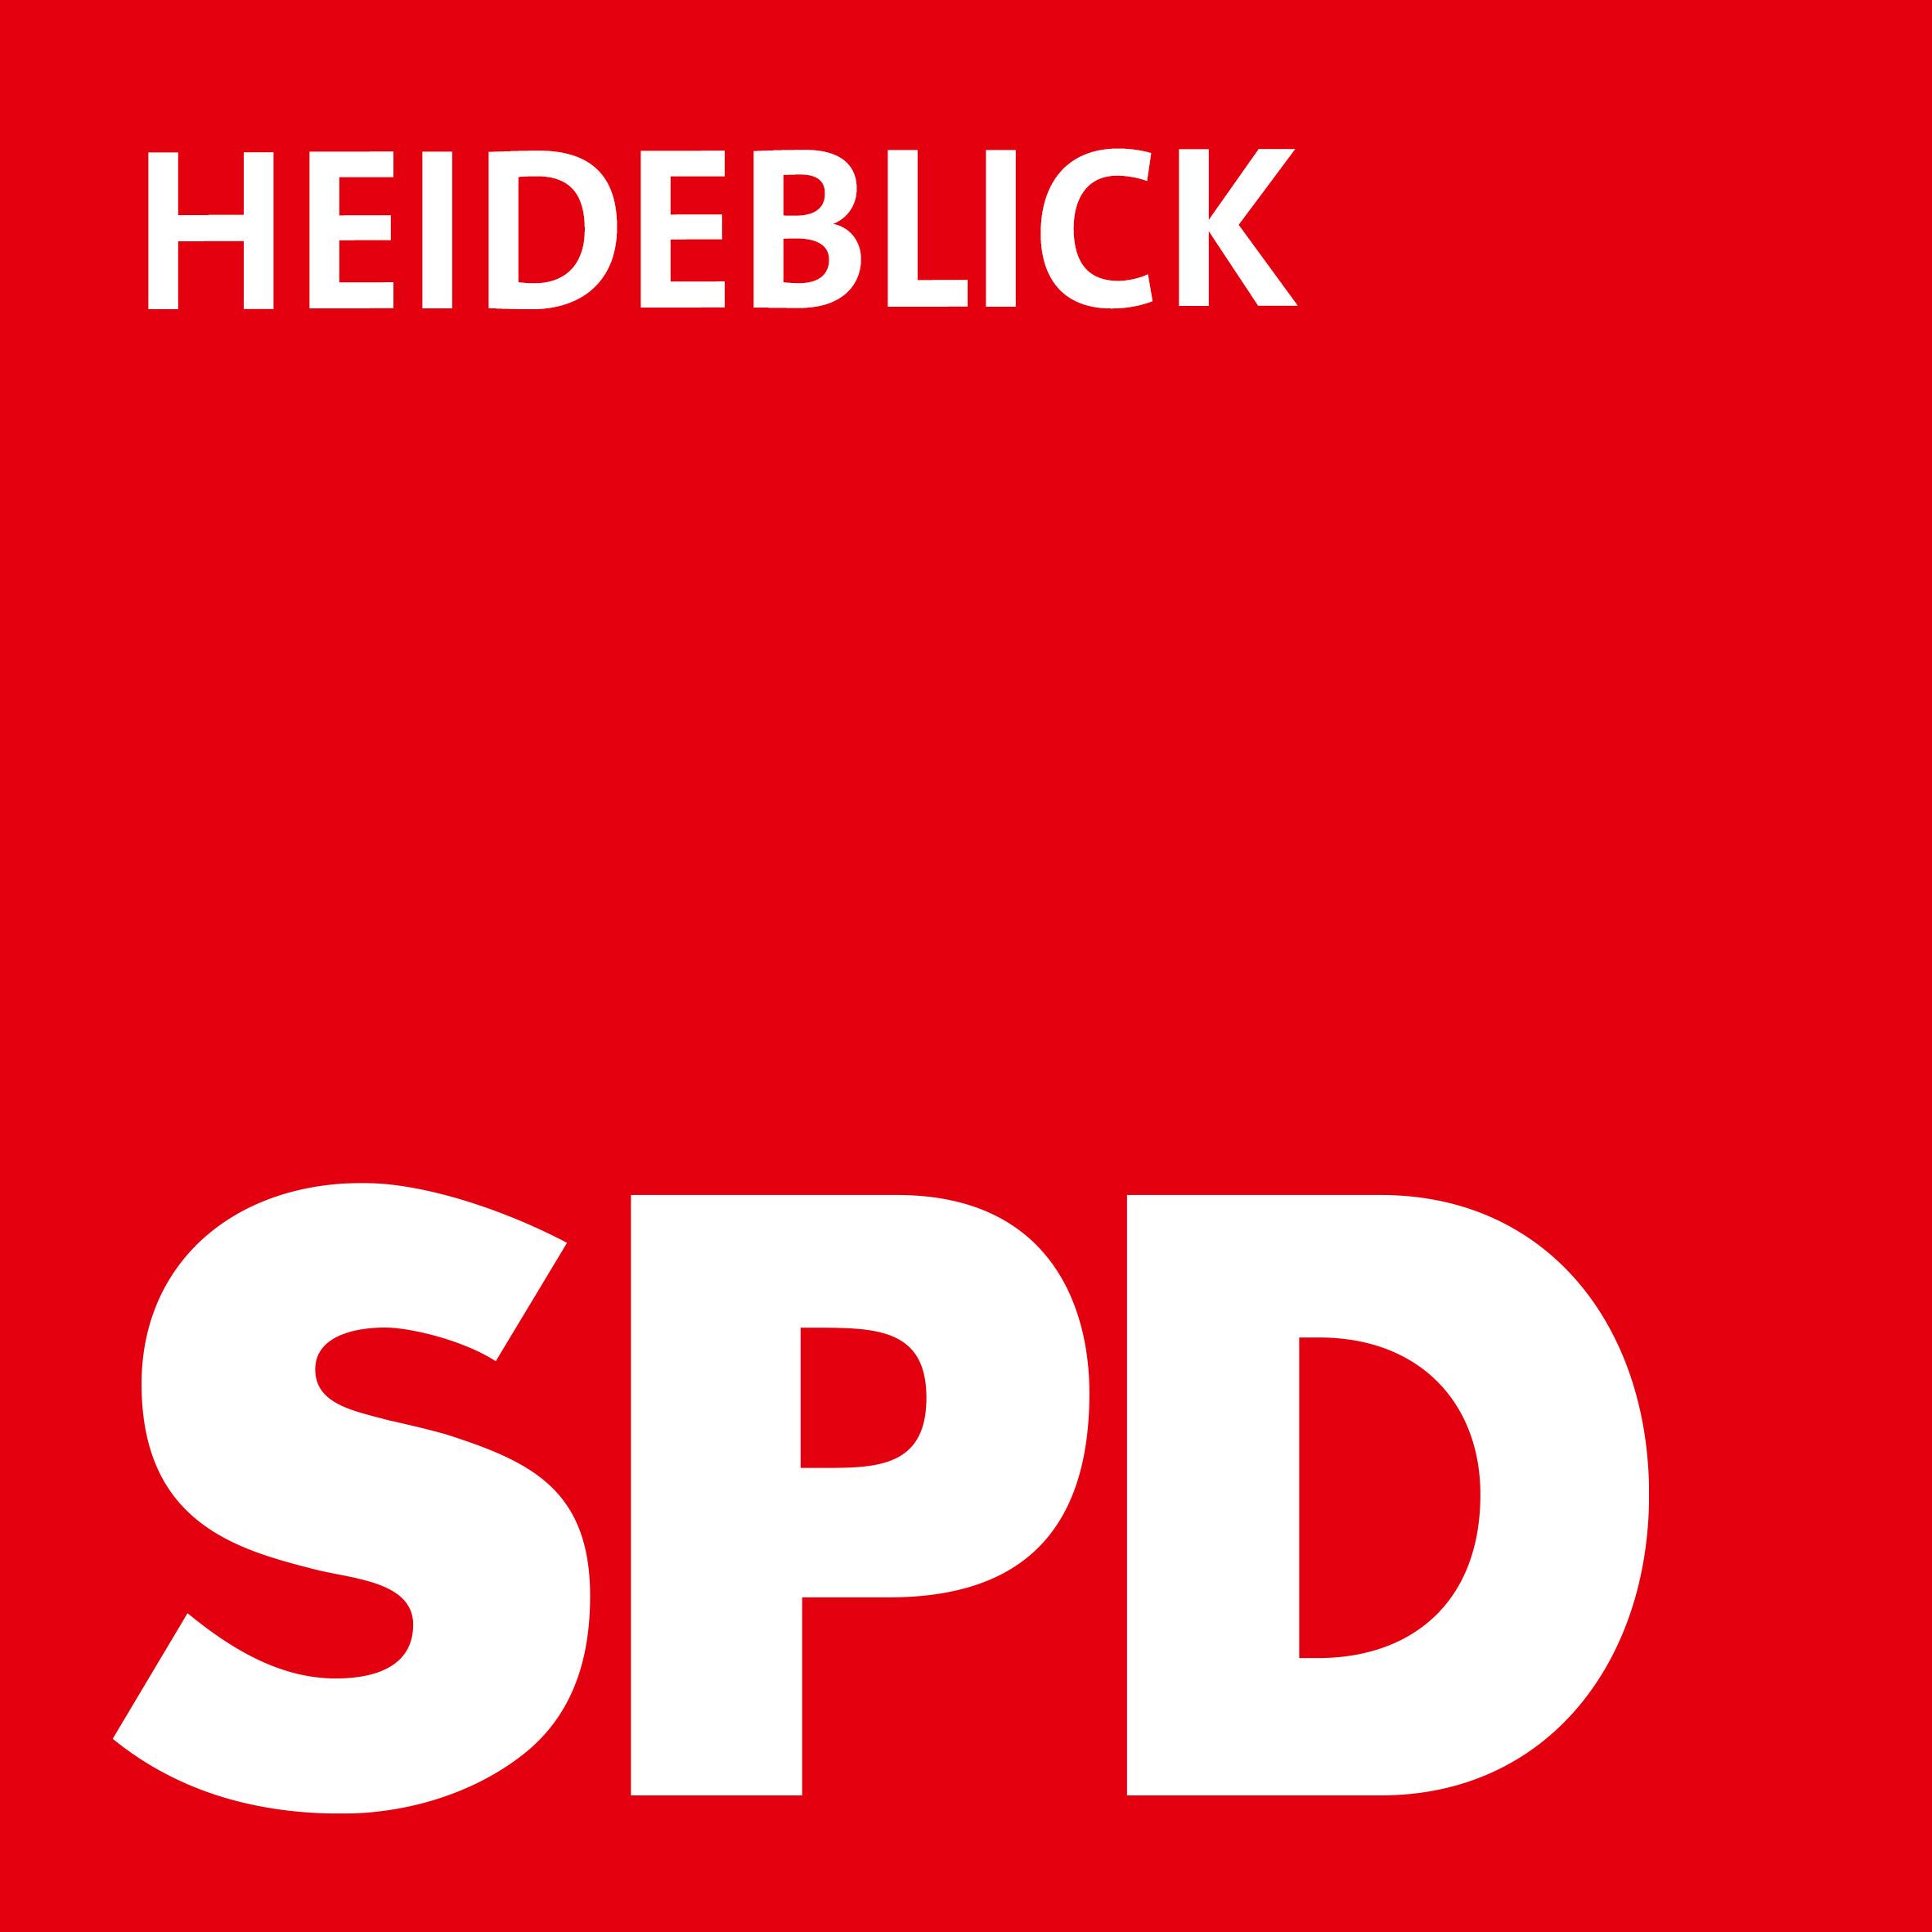 SPD Heideblick